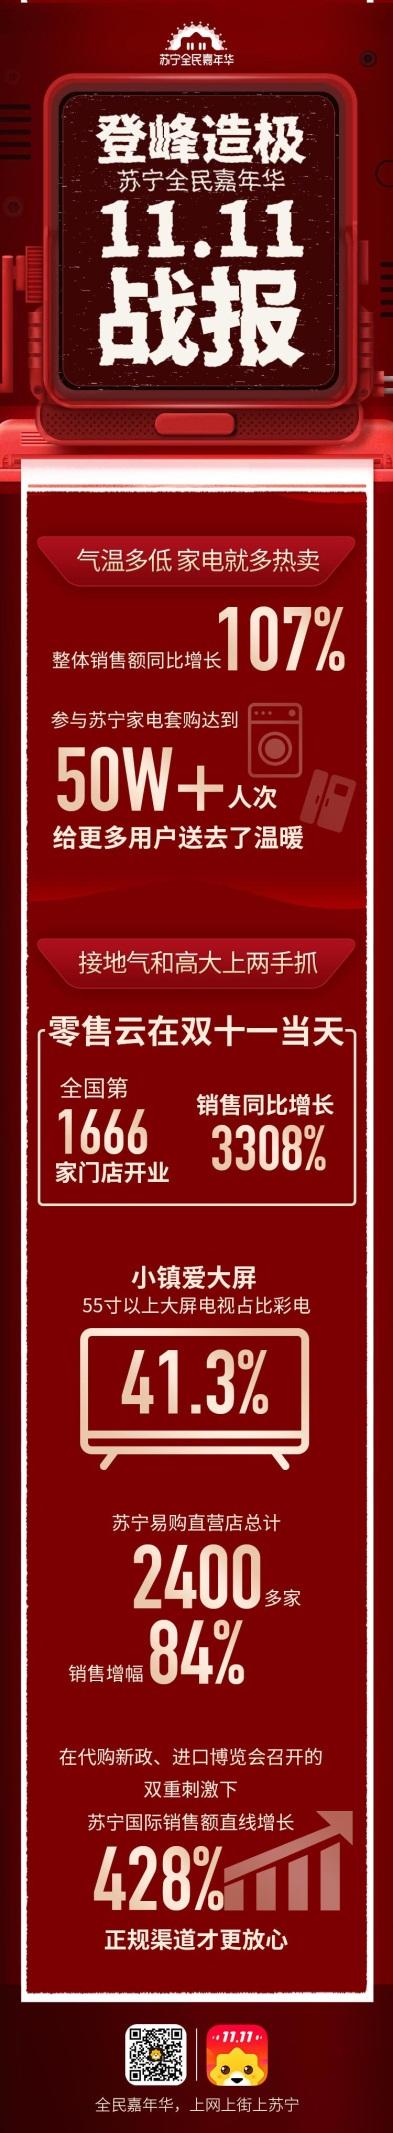 双十一苏宁线上线下模式效益凸显,全渠道订单量同比增长132%